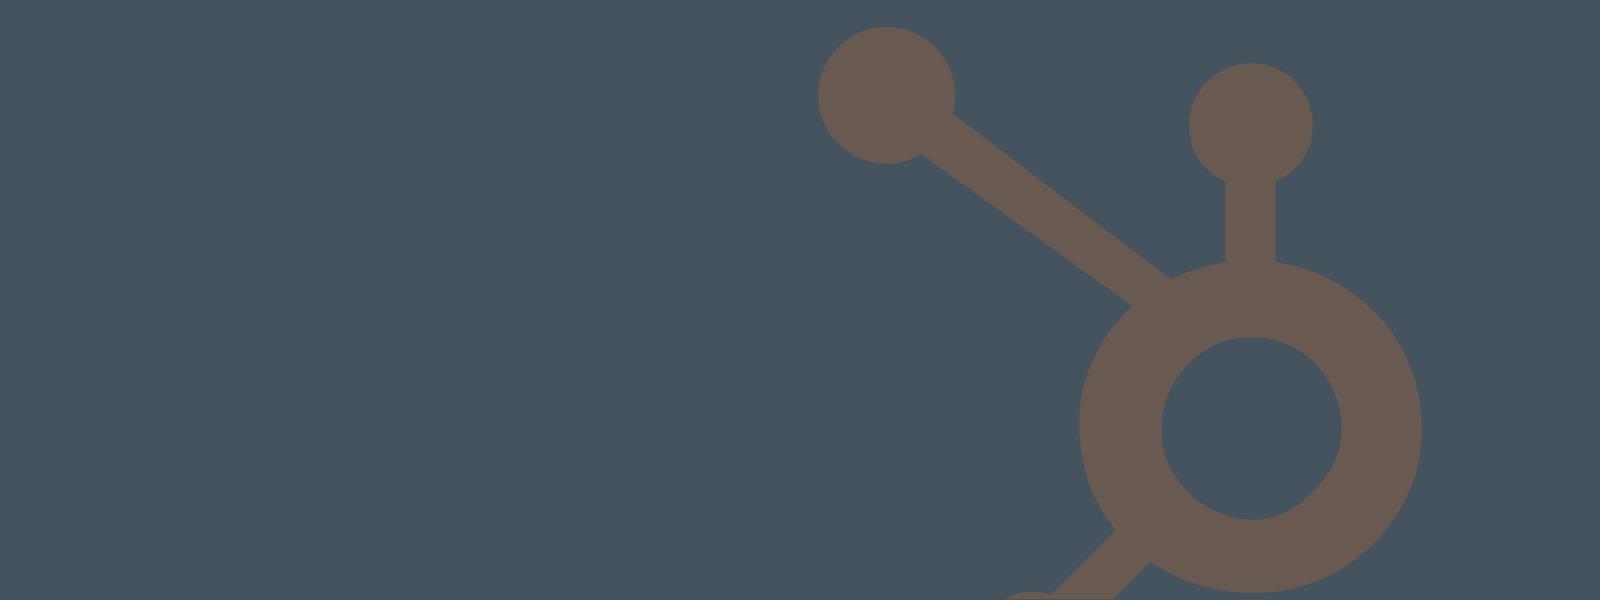 Website Headers_HubSpot - Dark Orange 2